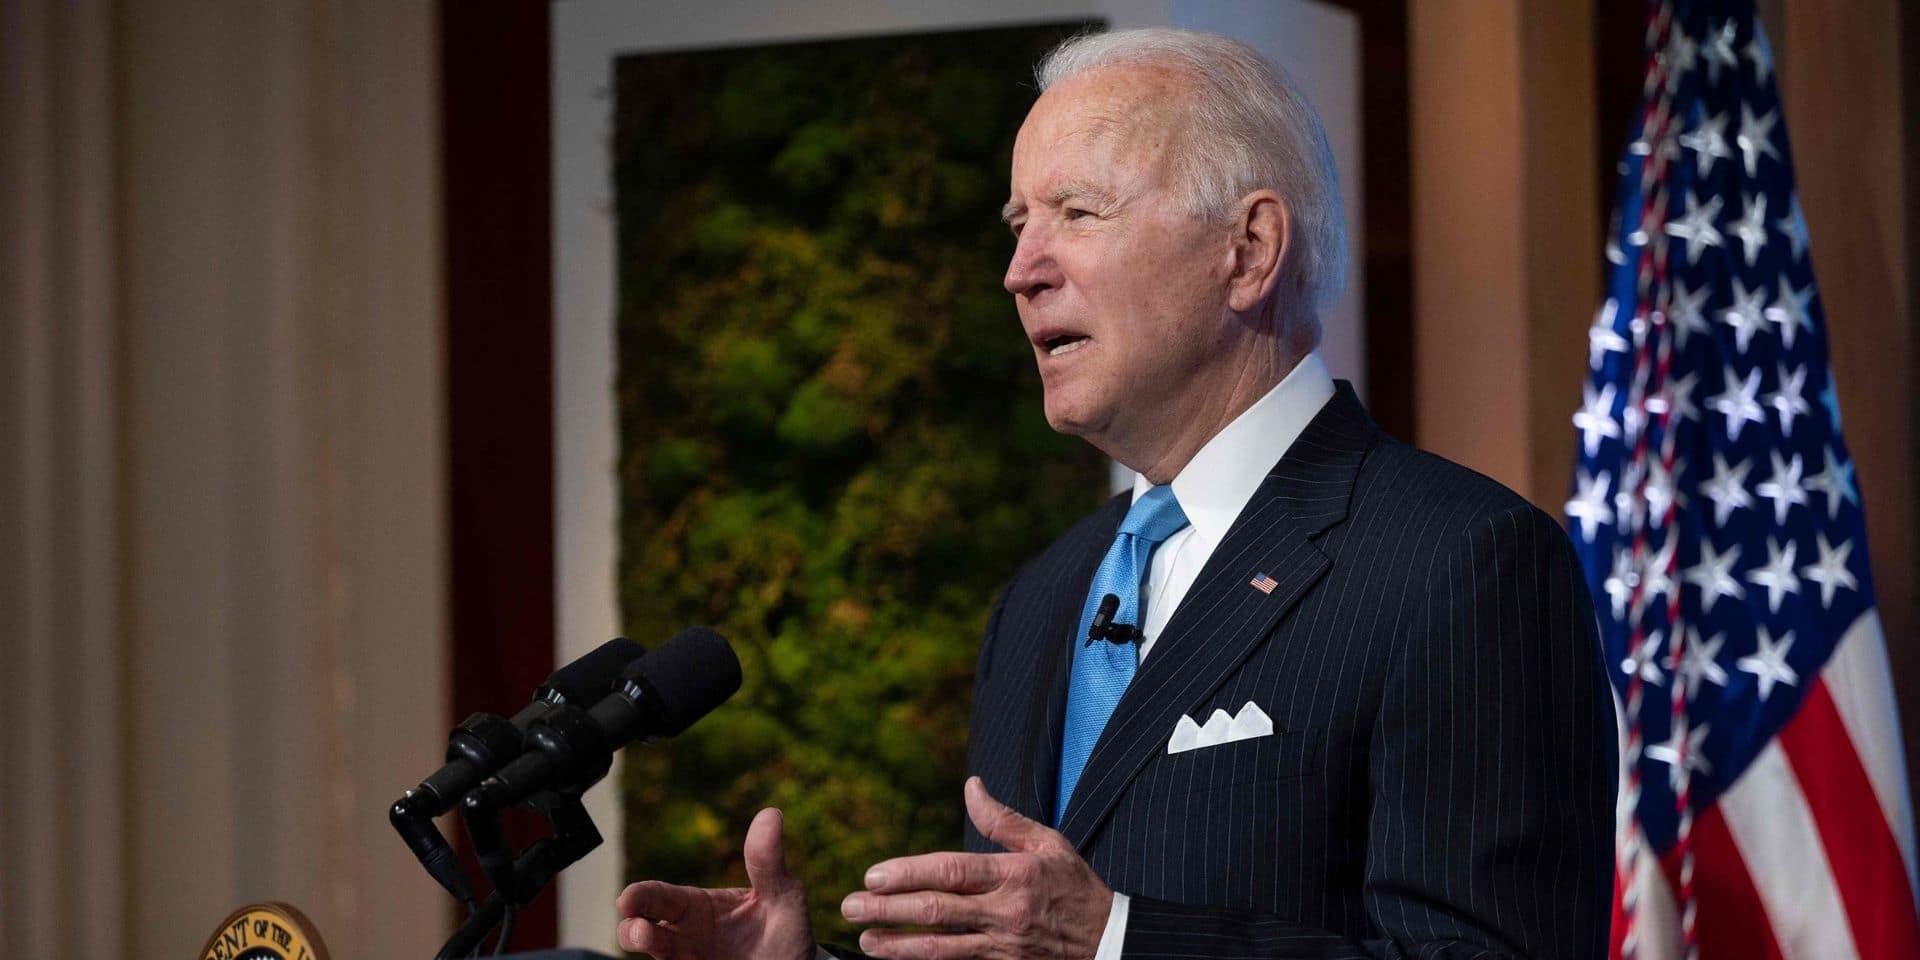 Une présidence sans drama ni scandales: comment Joe Biden a réussi à imprimer sa marque